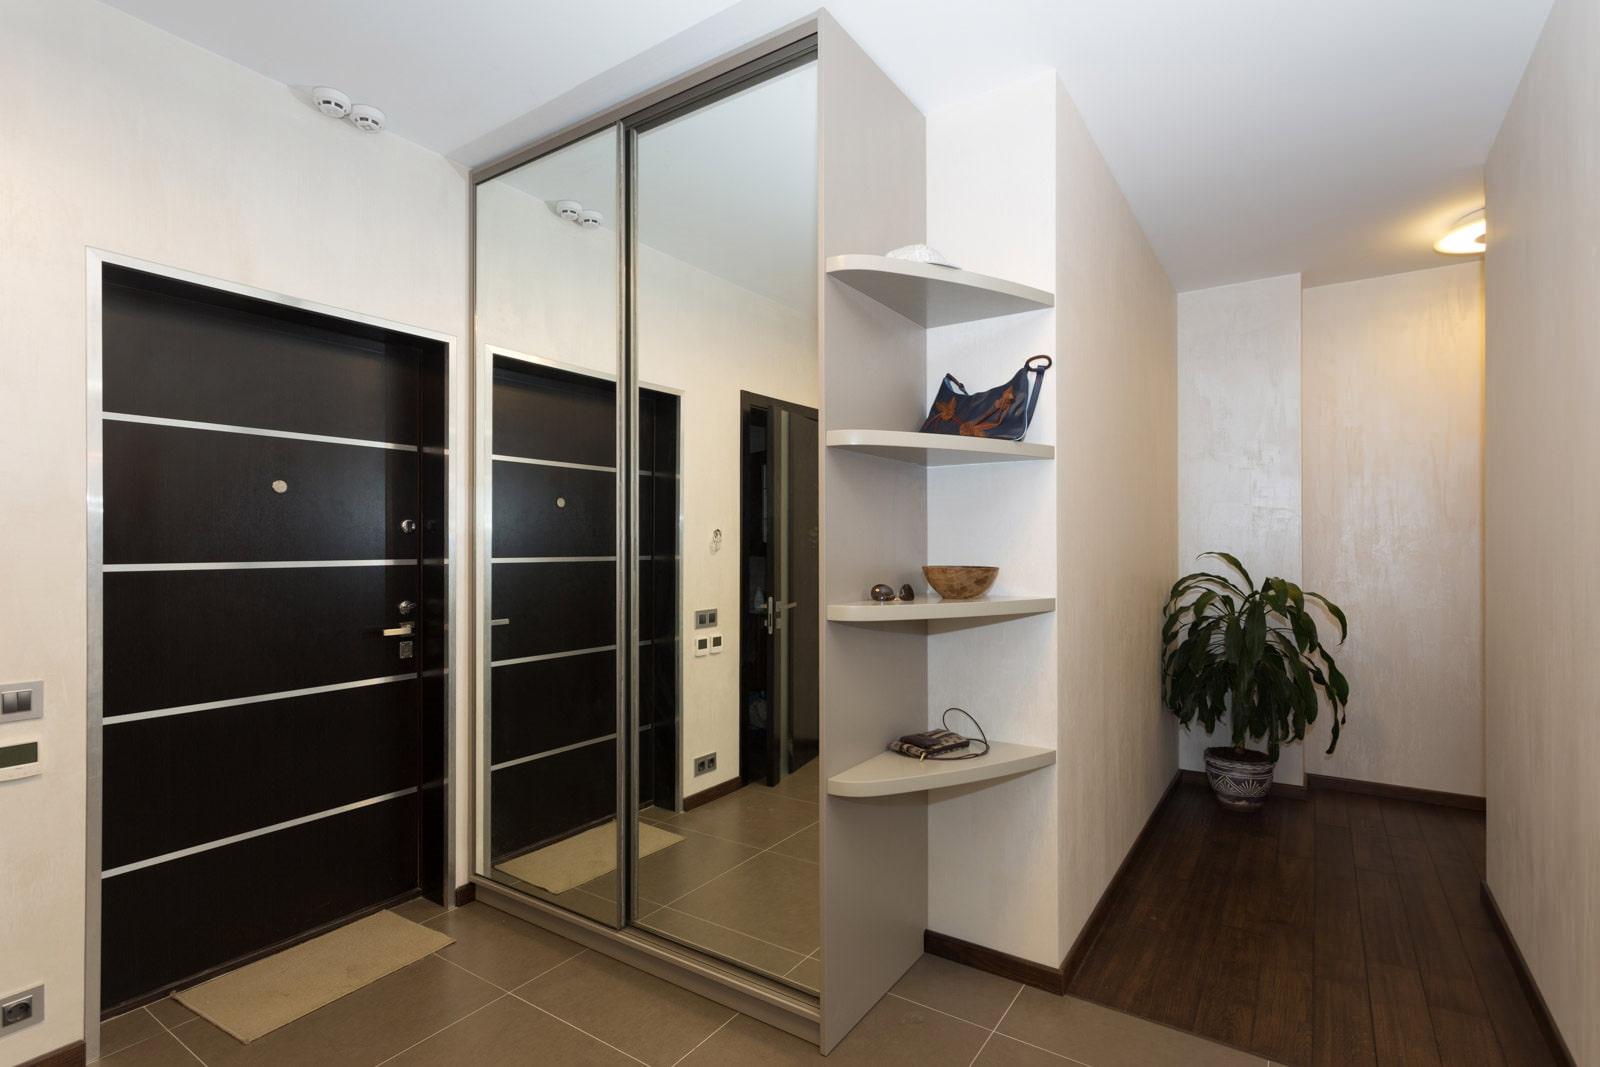 Интерьер прихожей со шкафом в квартире фото